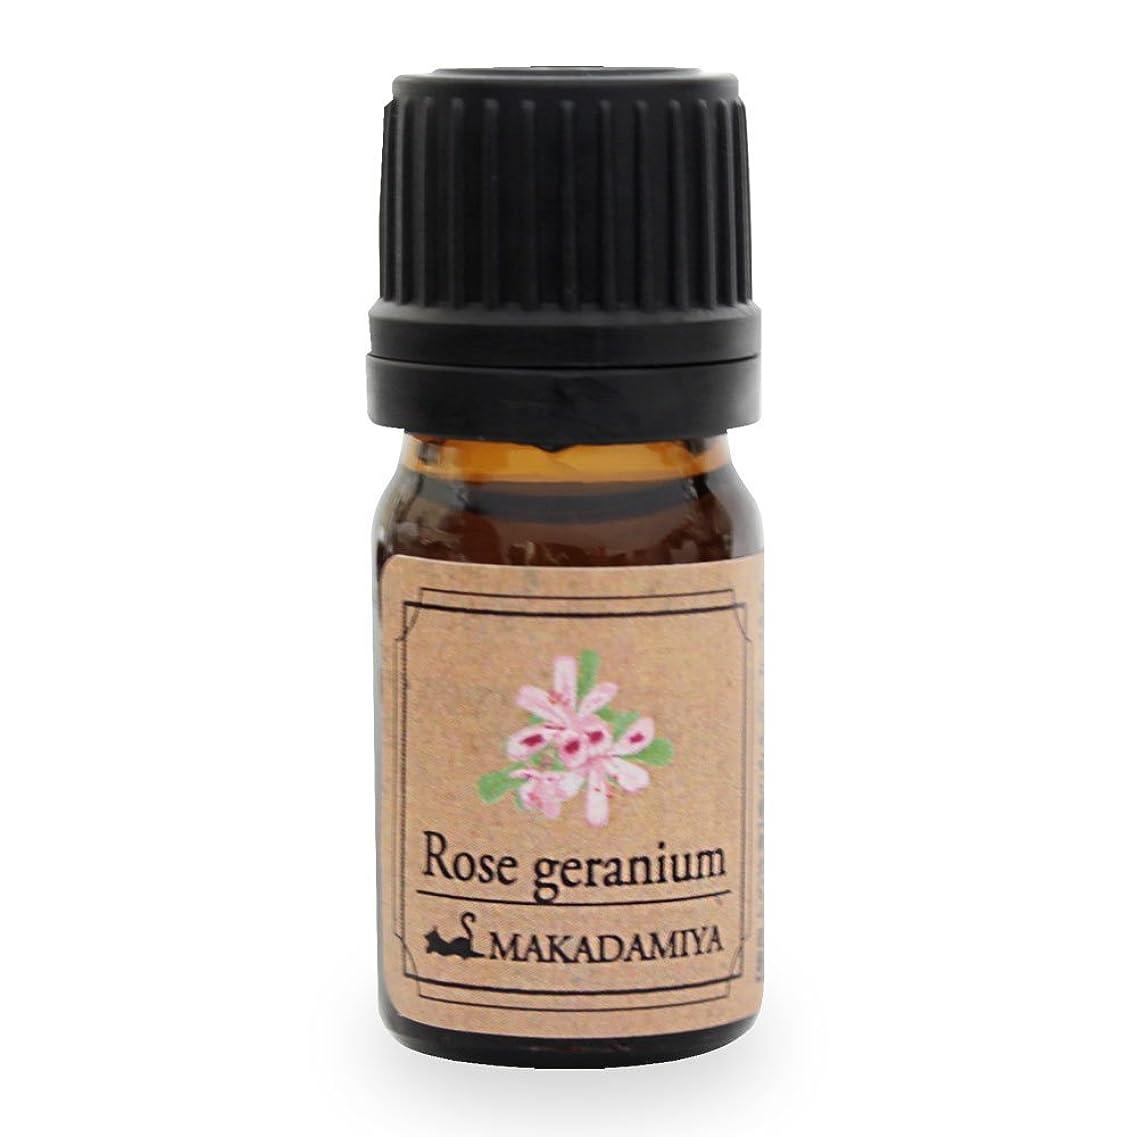 シャツディベート脊椎ローズゼラニウム5ml 天然100%植物性 エッセンシャルオイル(精油) アロマオイル アロママッサージ aroma Rose Geranium